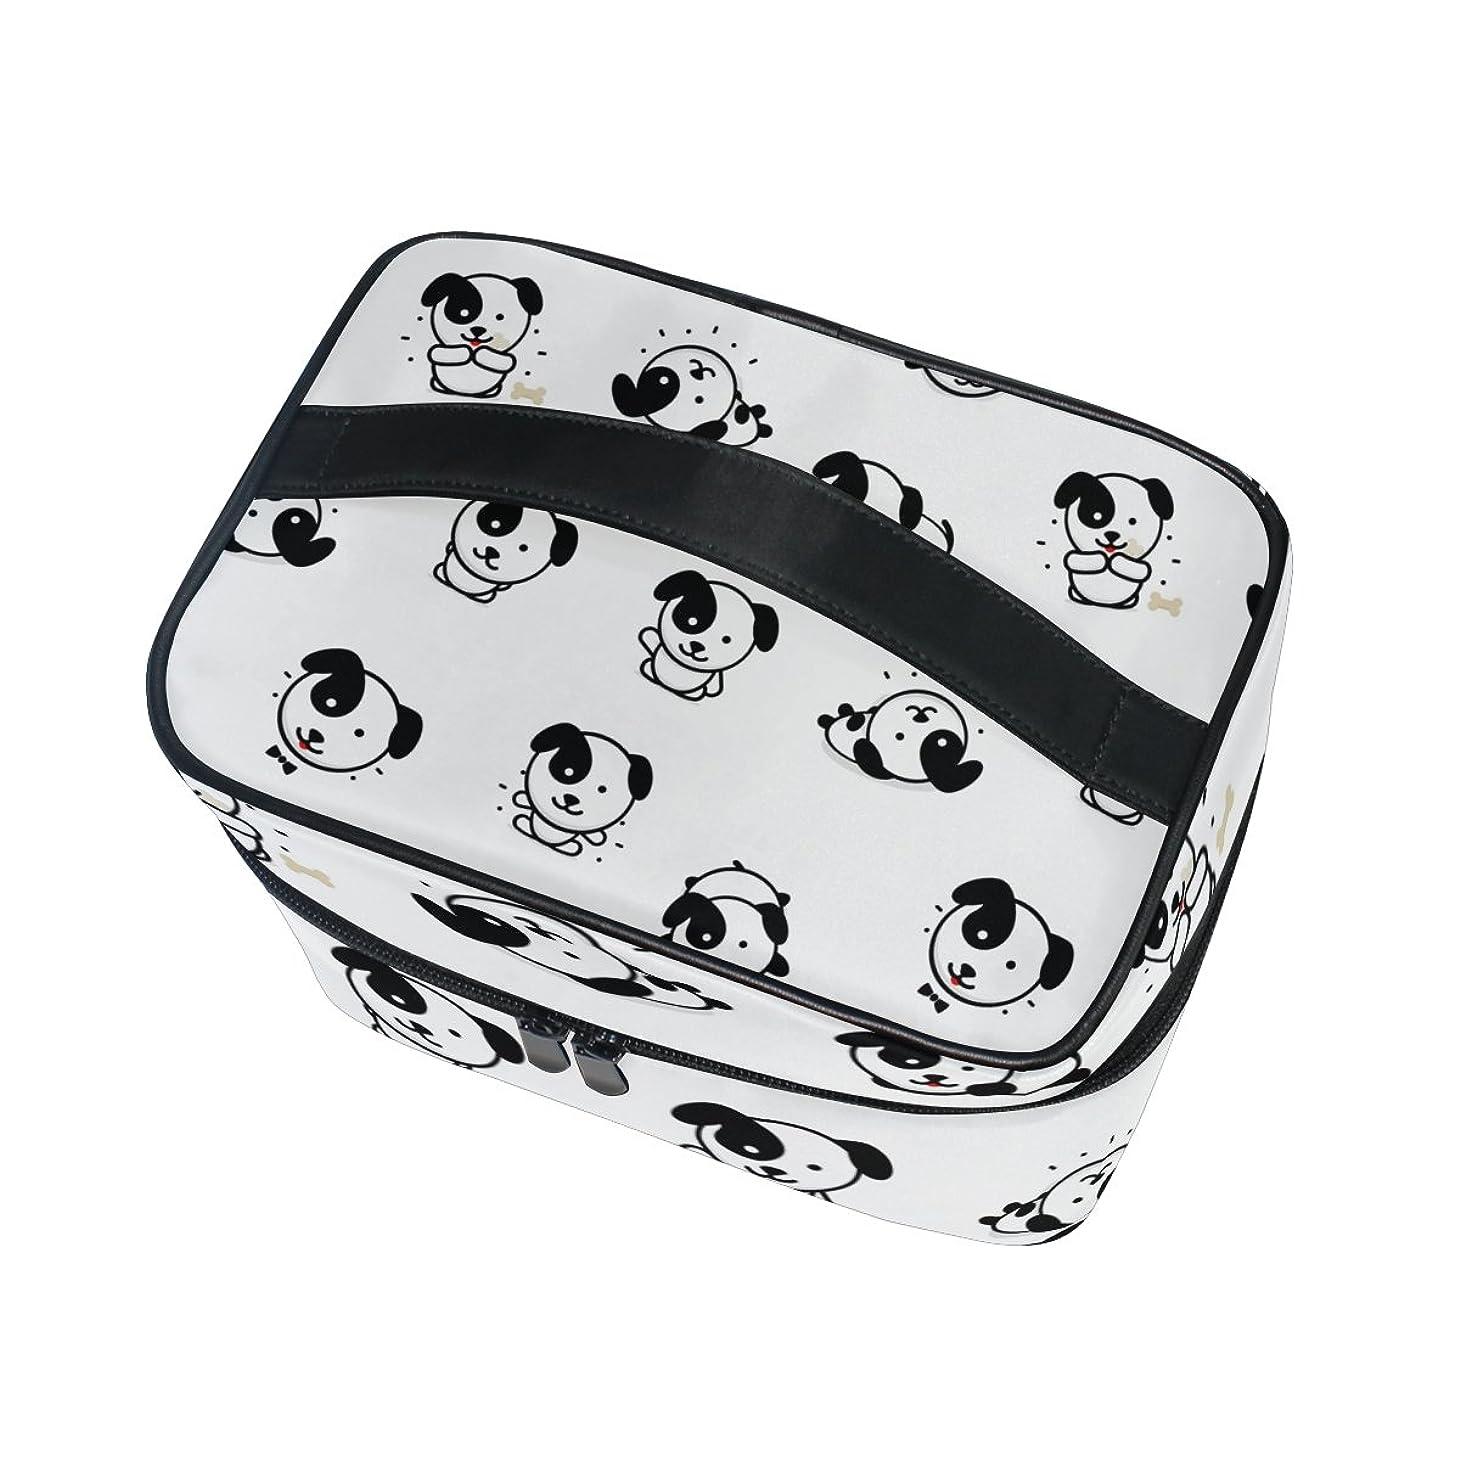 アノイ性差別アイロニーALAZA 化粧ポーチ 犬柄 いぬ柄 化粧 メイクボックス 収納用品 ホワイト 大きめ かわいい